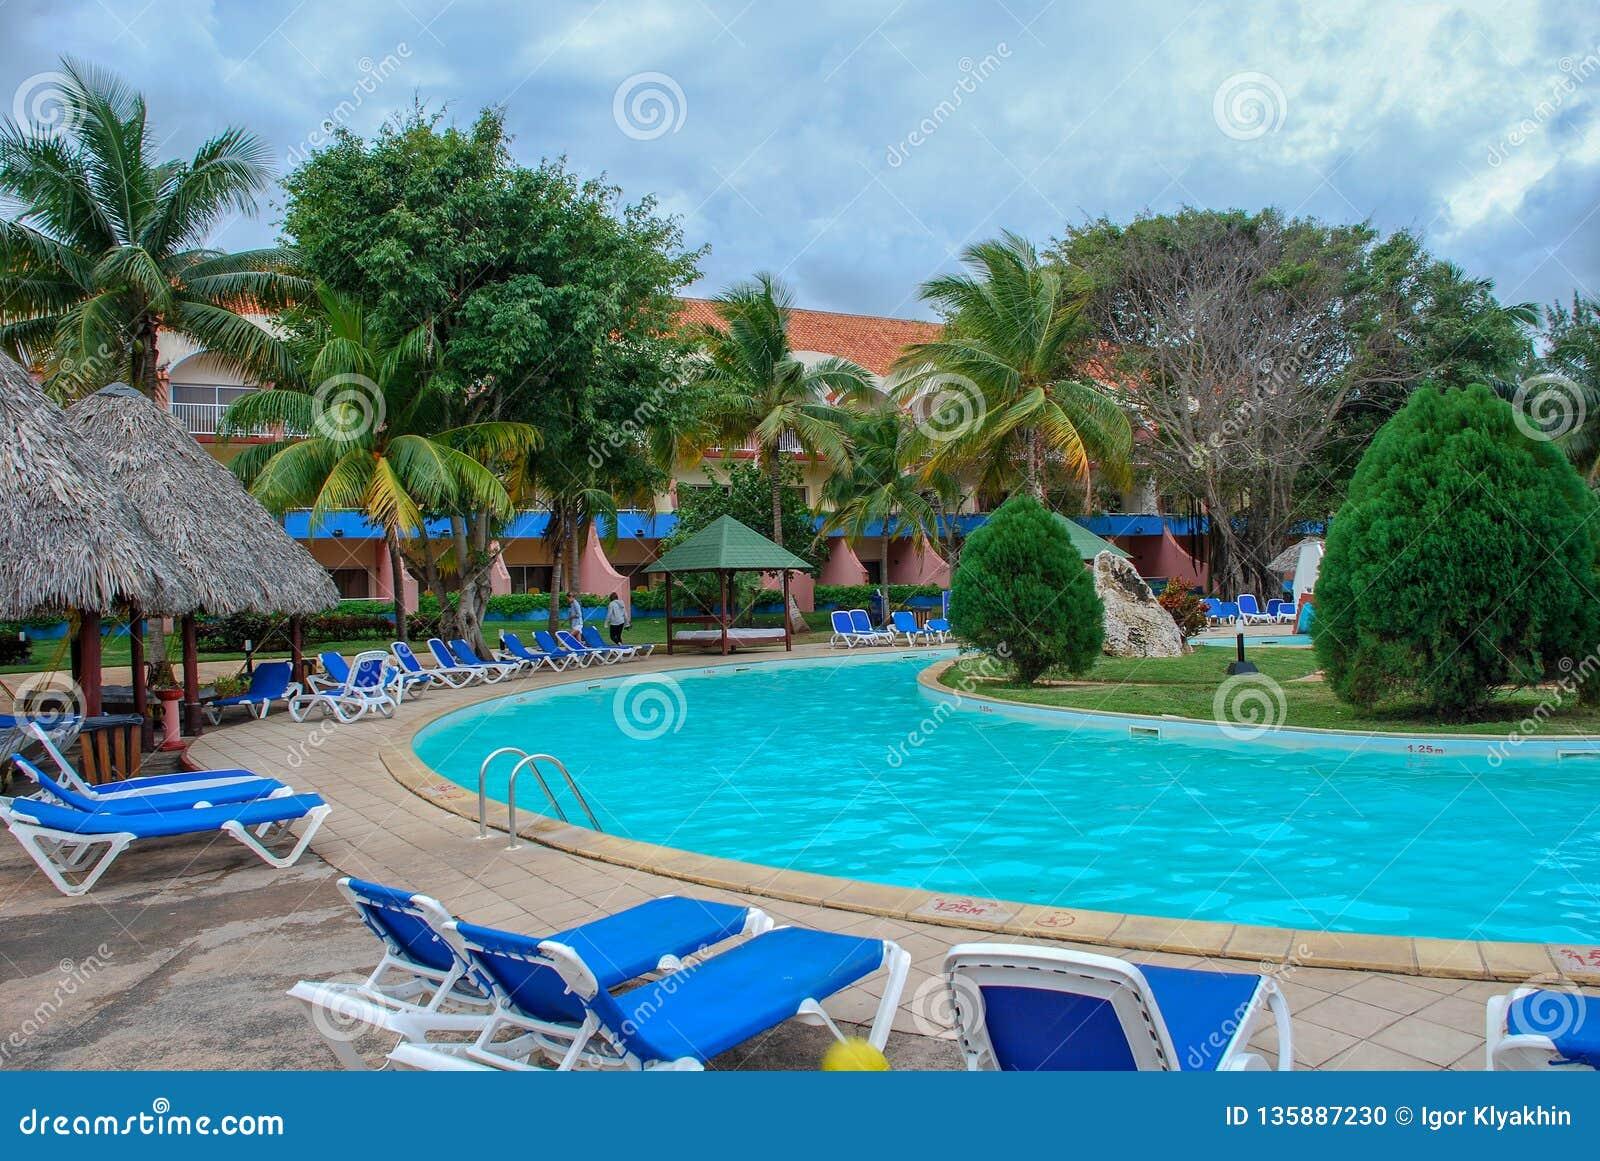 没有人的旅馆水池在热带